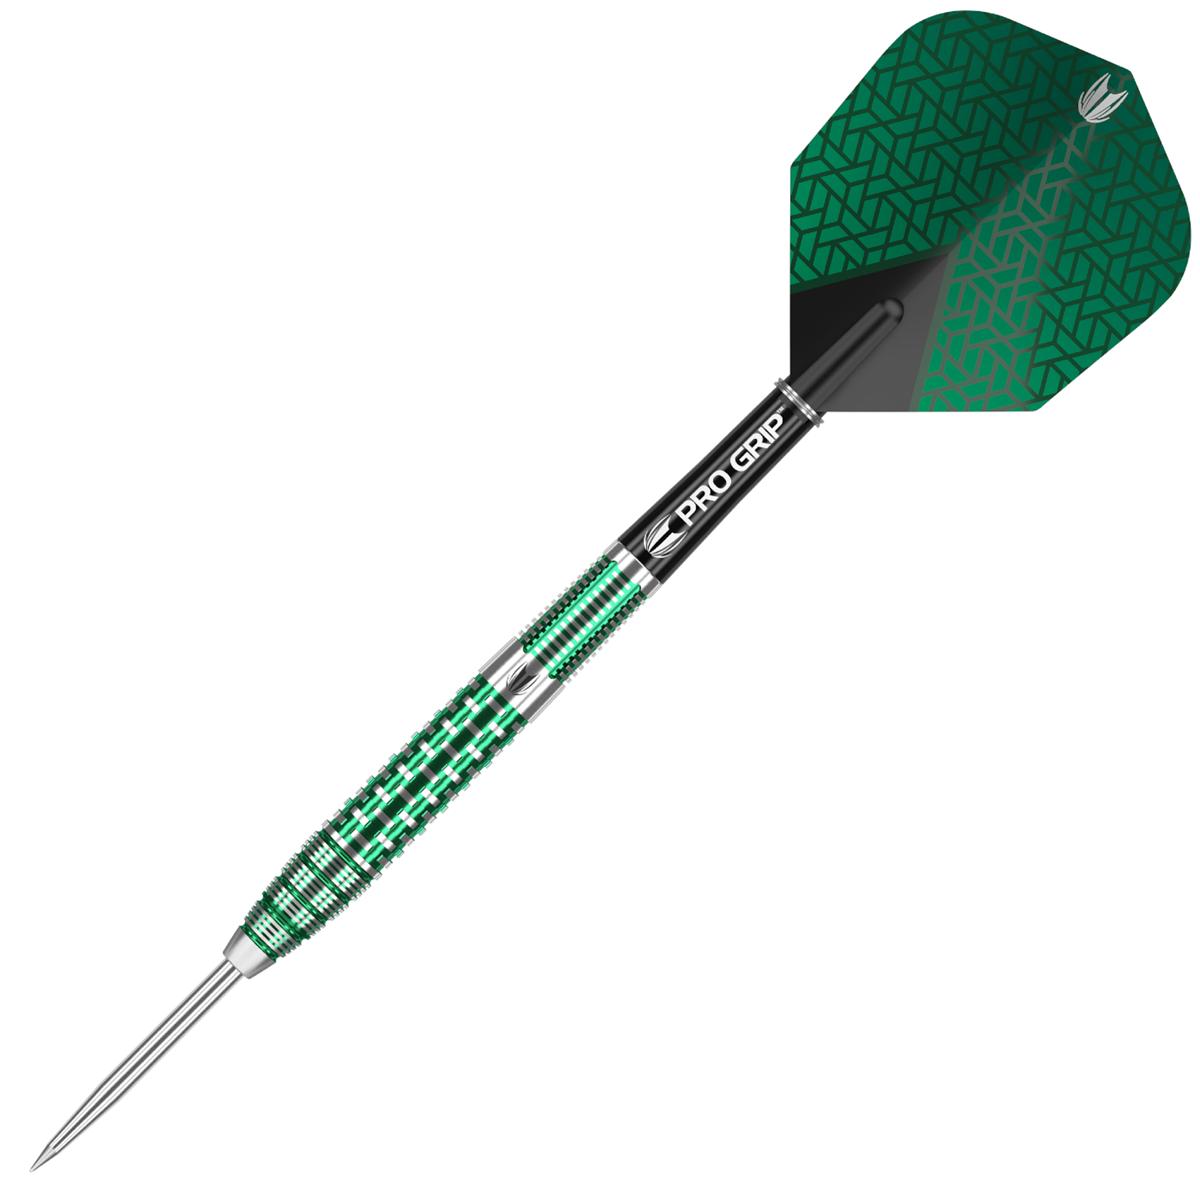 Target Darts Agora Verde AV03 90% Tungsten 23 grams